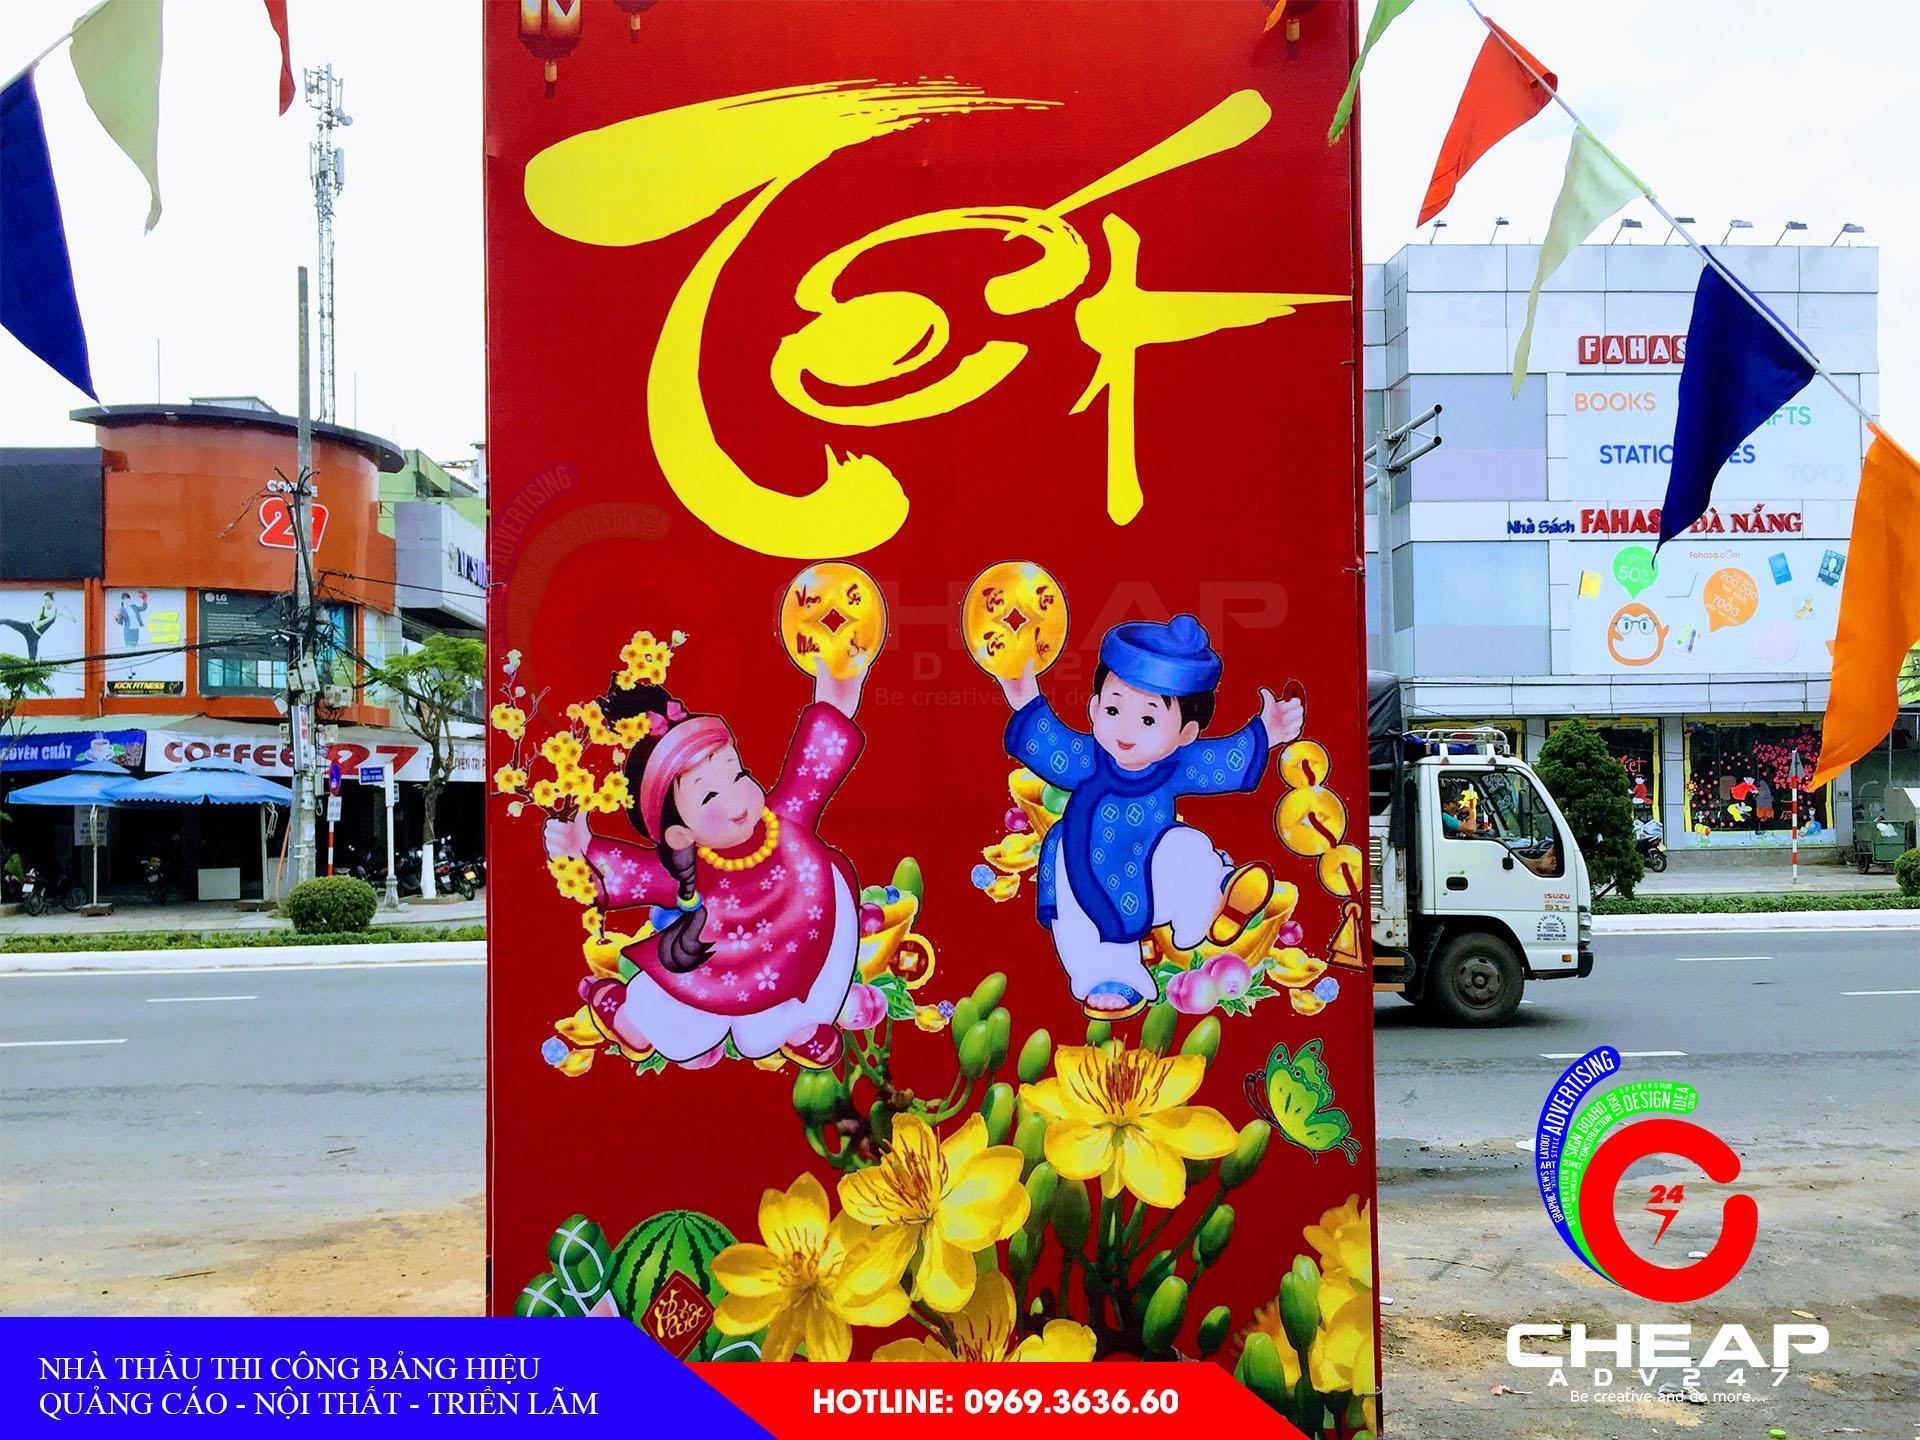 Mẫu băng rôn quảng cáo đẹp tại cheapadv247 - ảnh 7